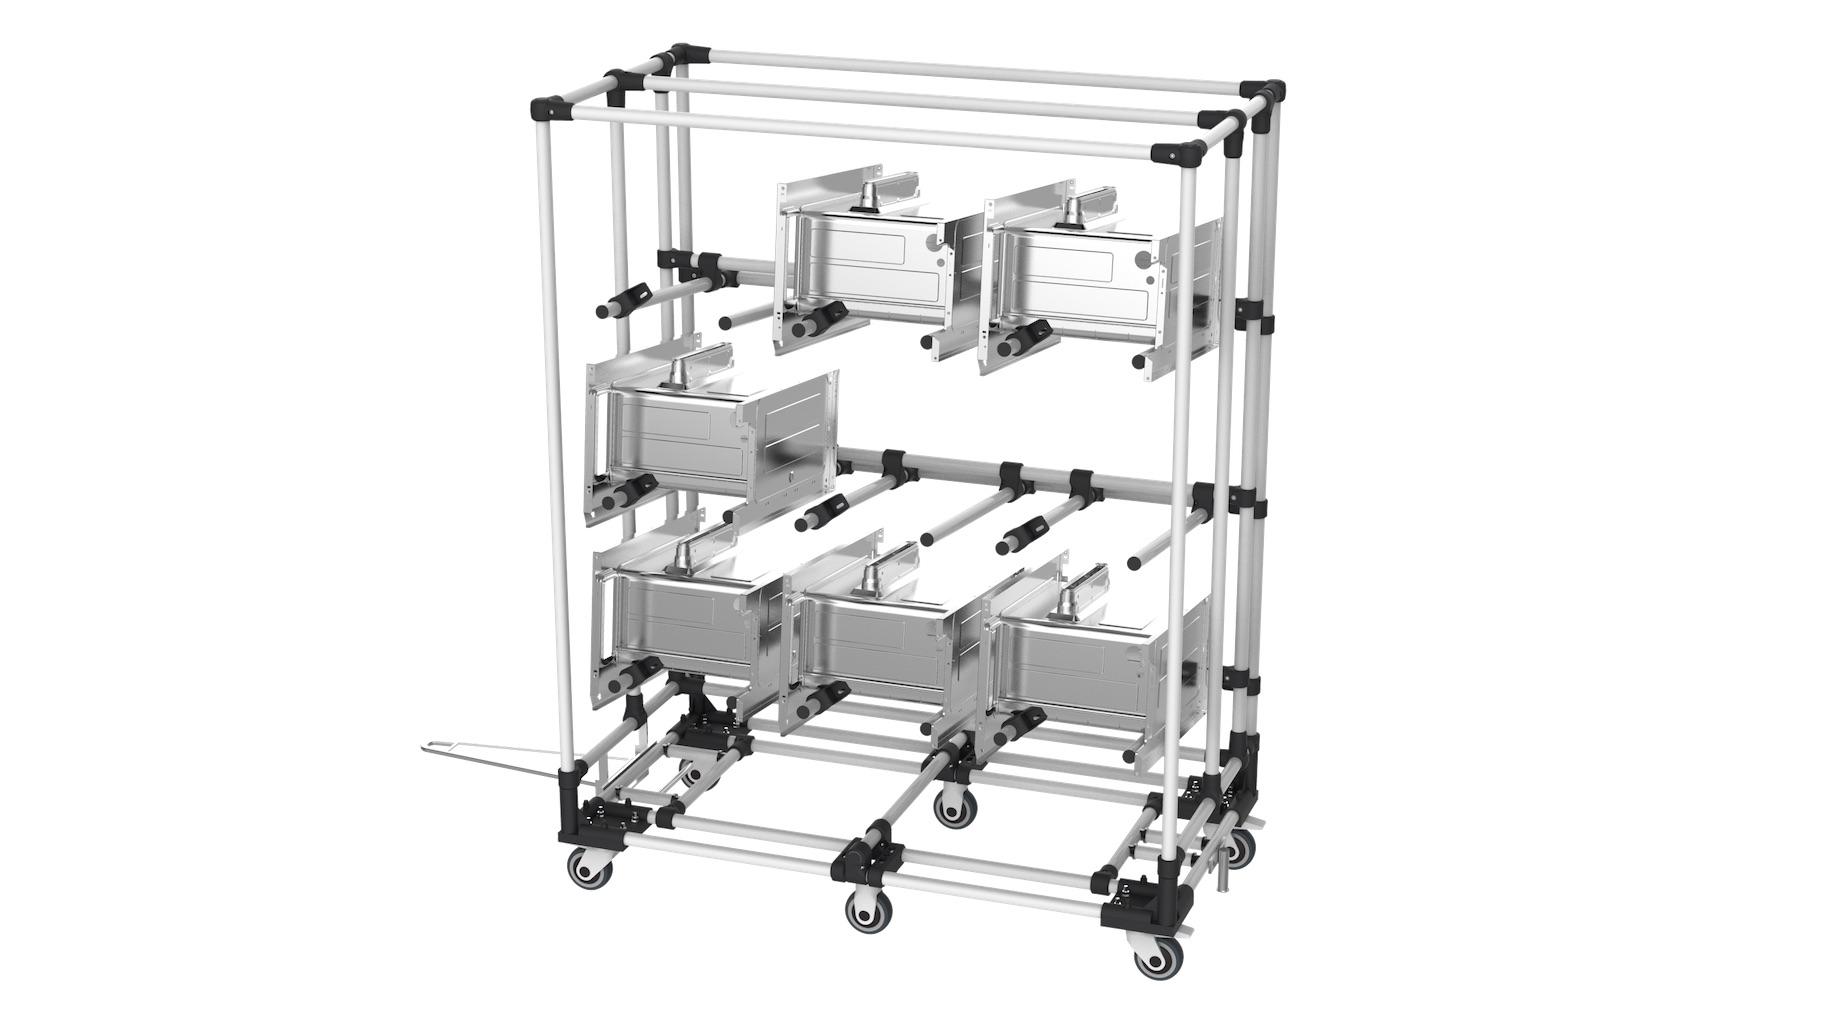 Biens d'équipement - Chariot tractable avec bras en porte à faux, type cantilever pour le stockage et transport de pièces en cours de fabrication.